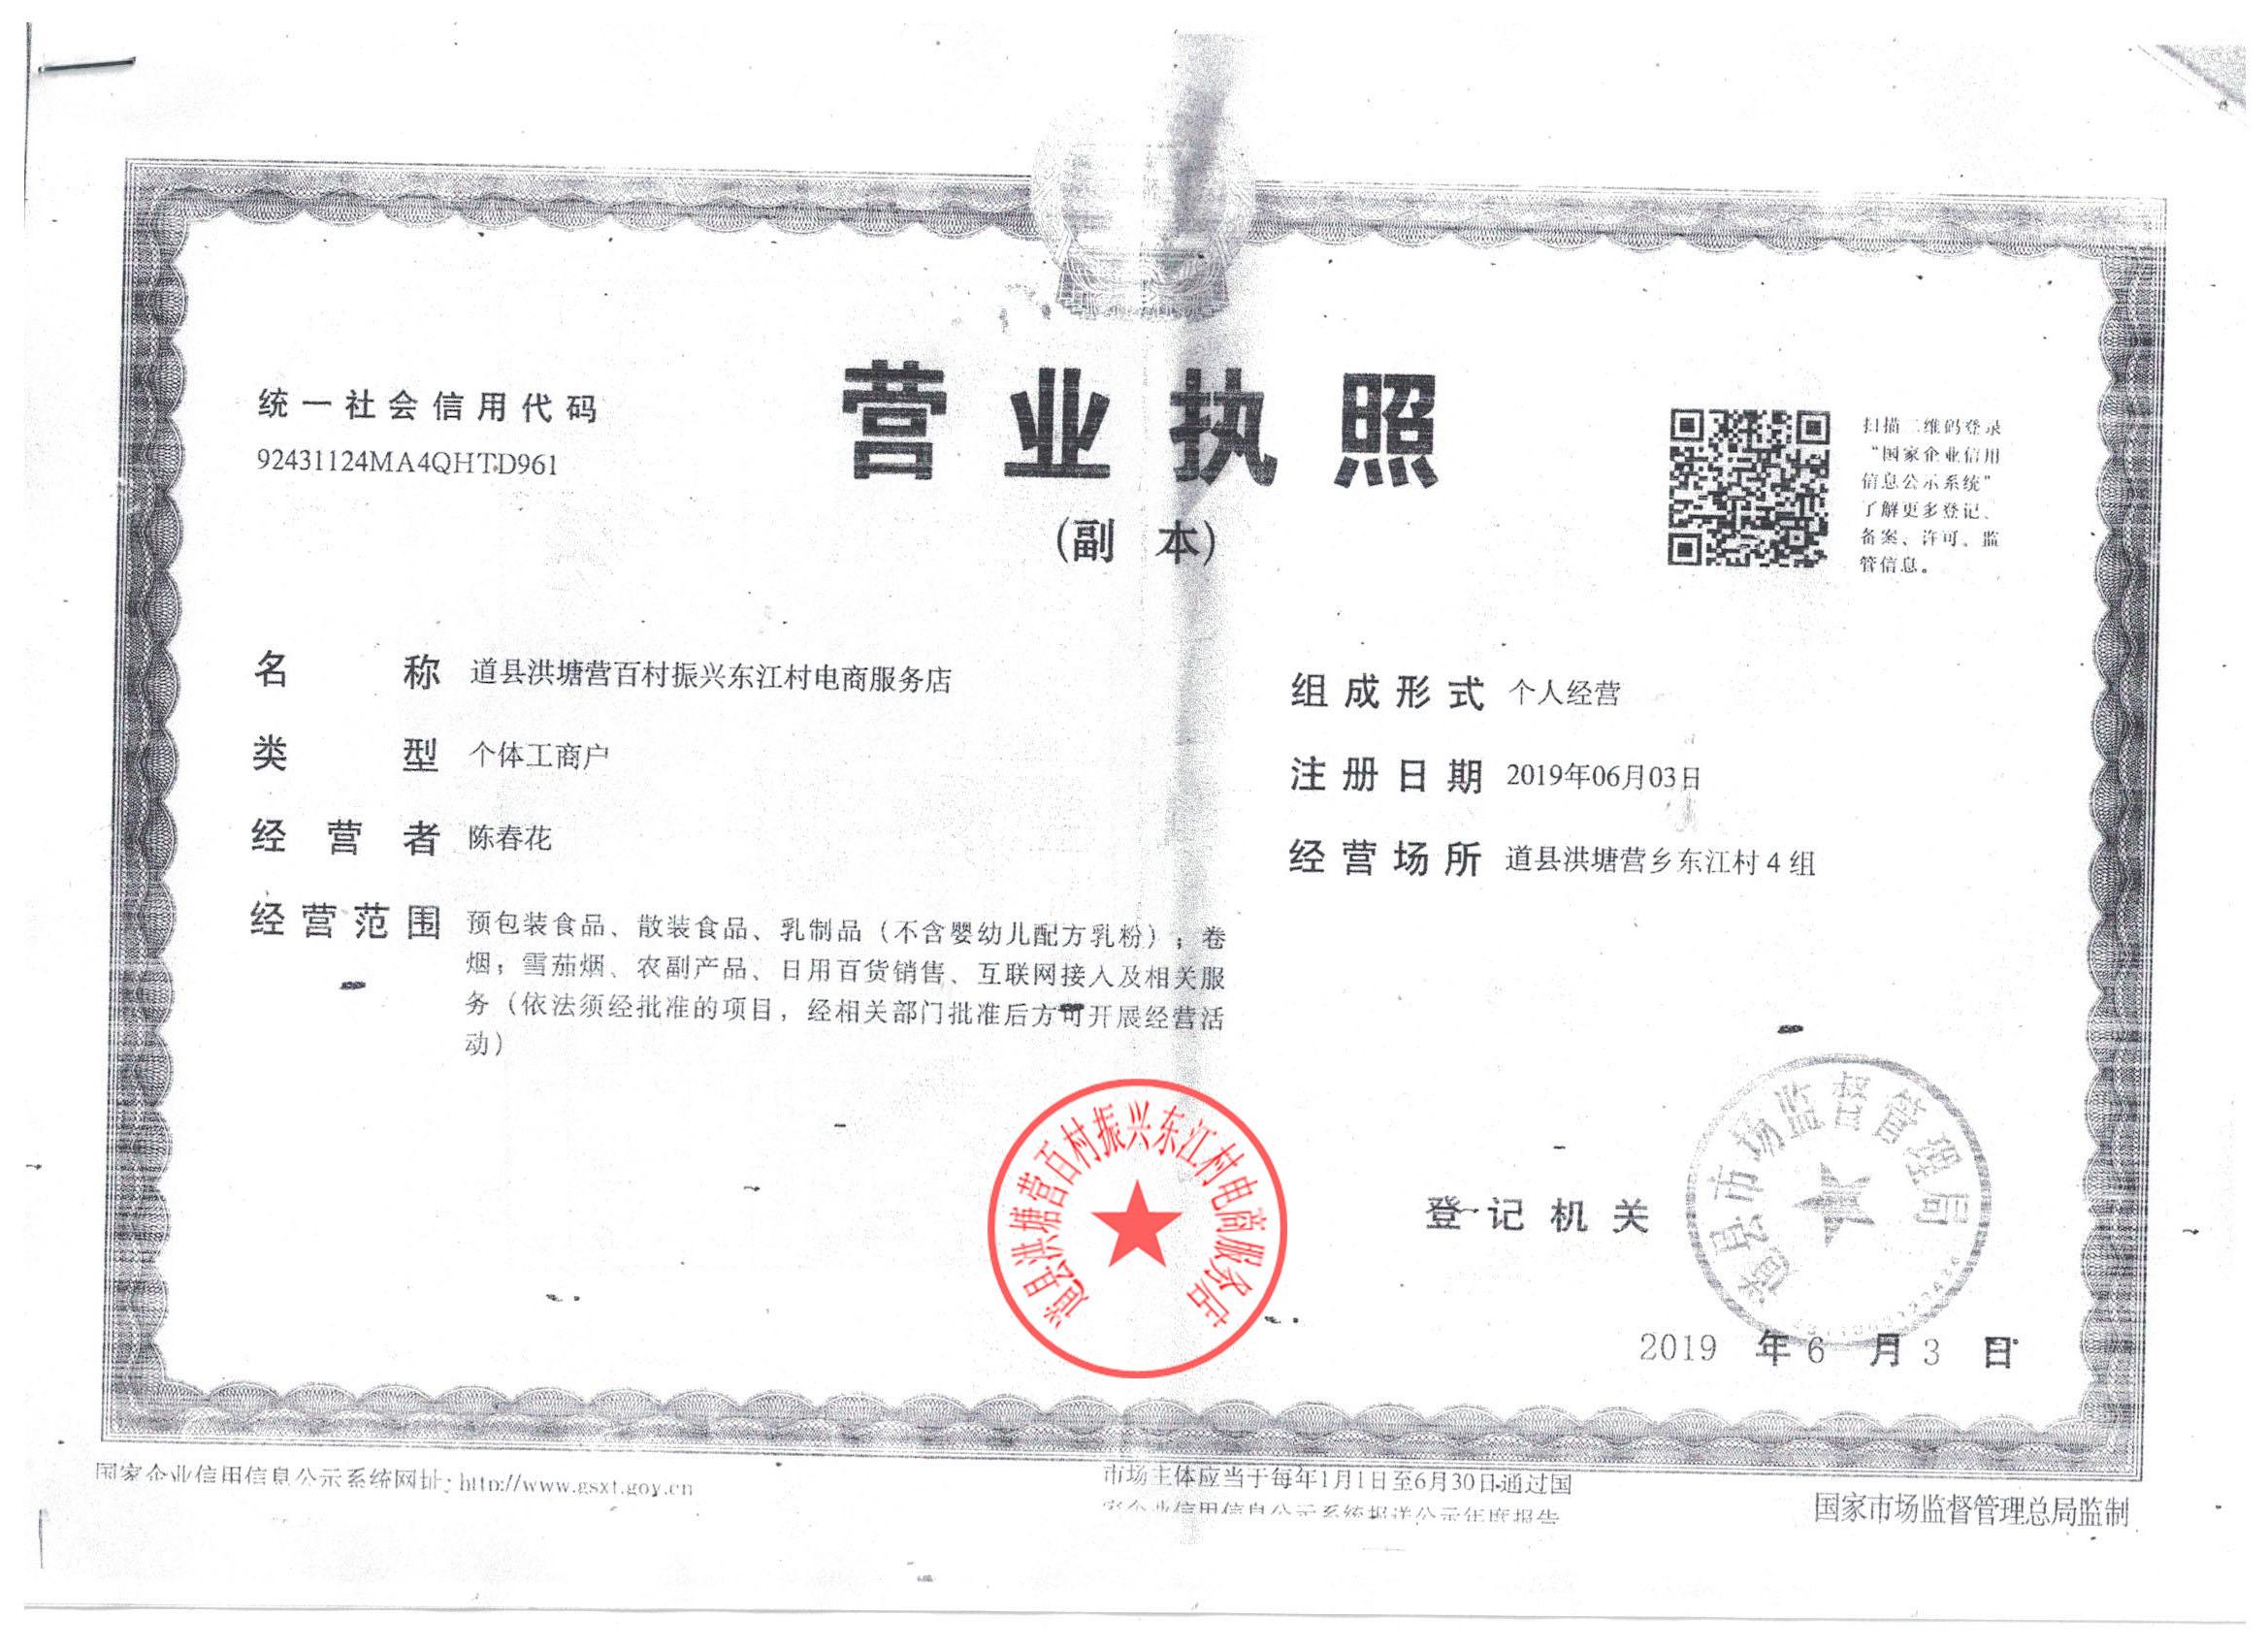 道县洪塘营百村振兴东江村电商服务店